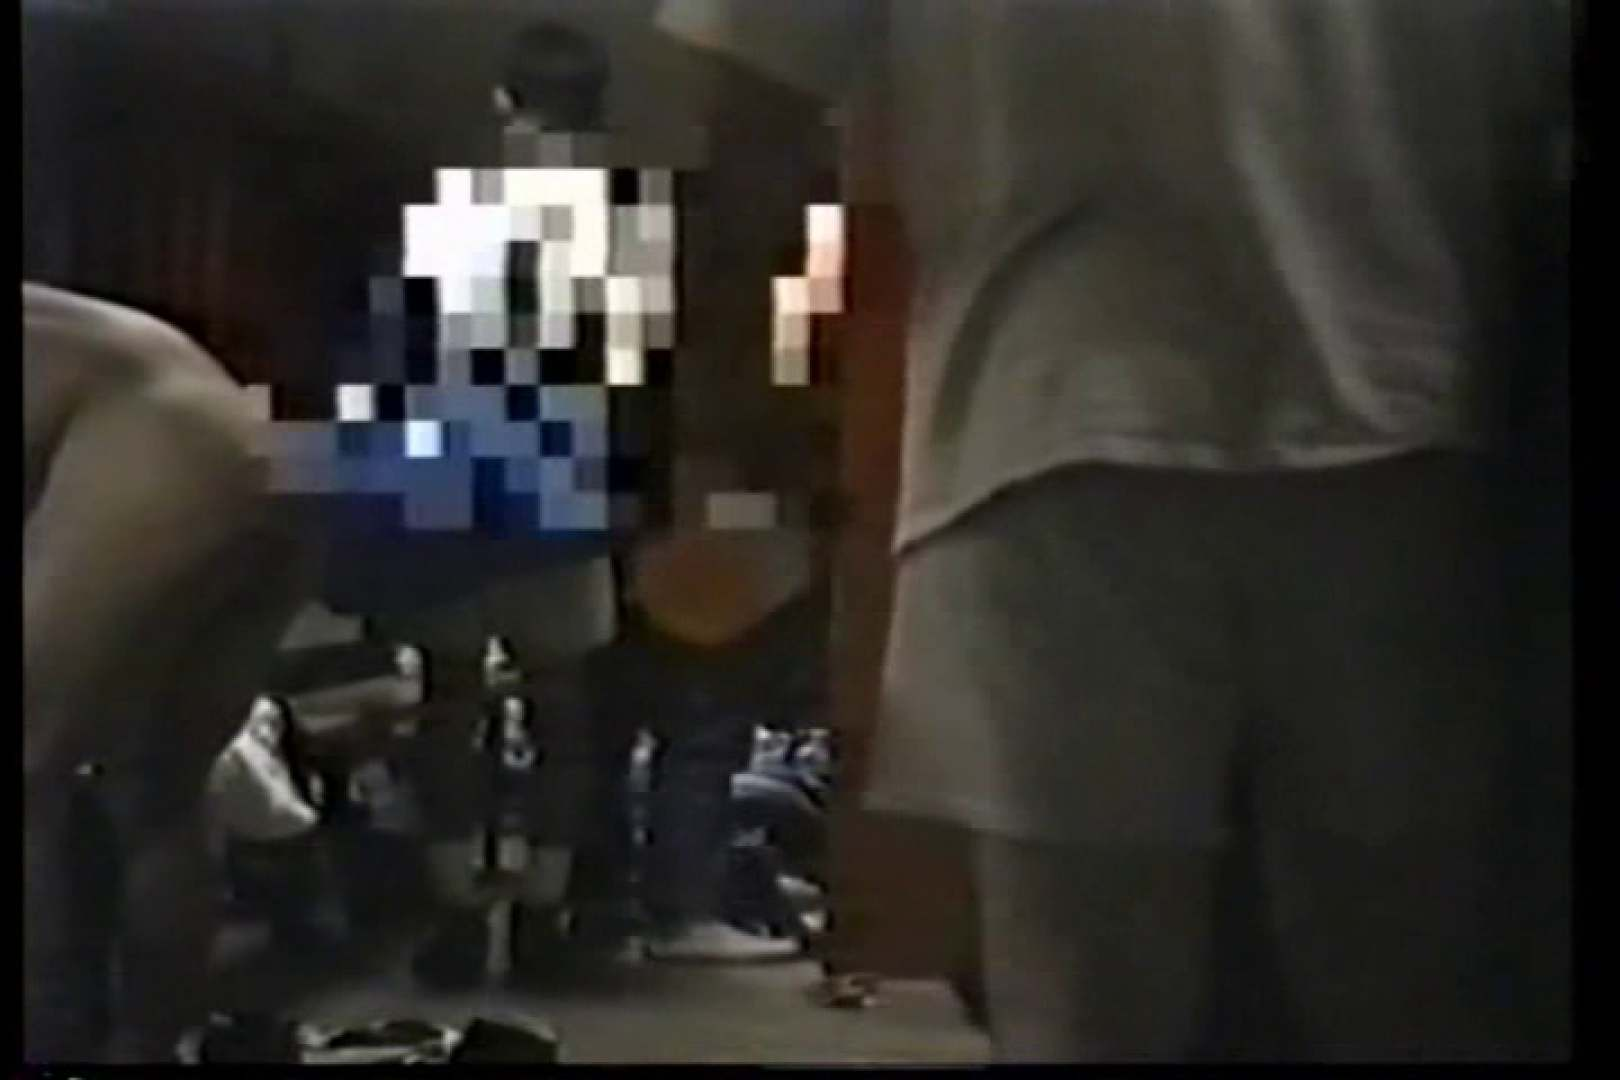 洋人さんの脱衣所を覗いてみました。VOL.3 のぞき  38pic 36